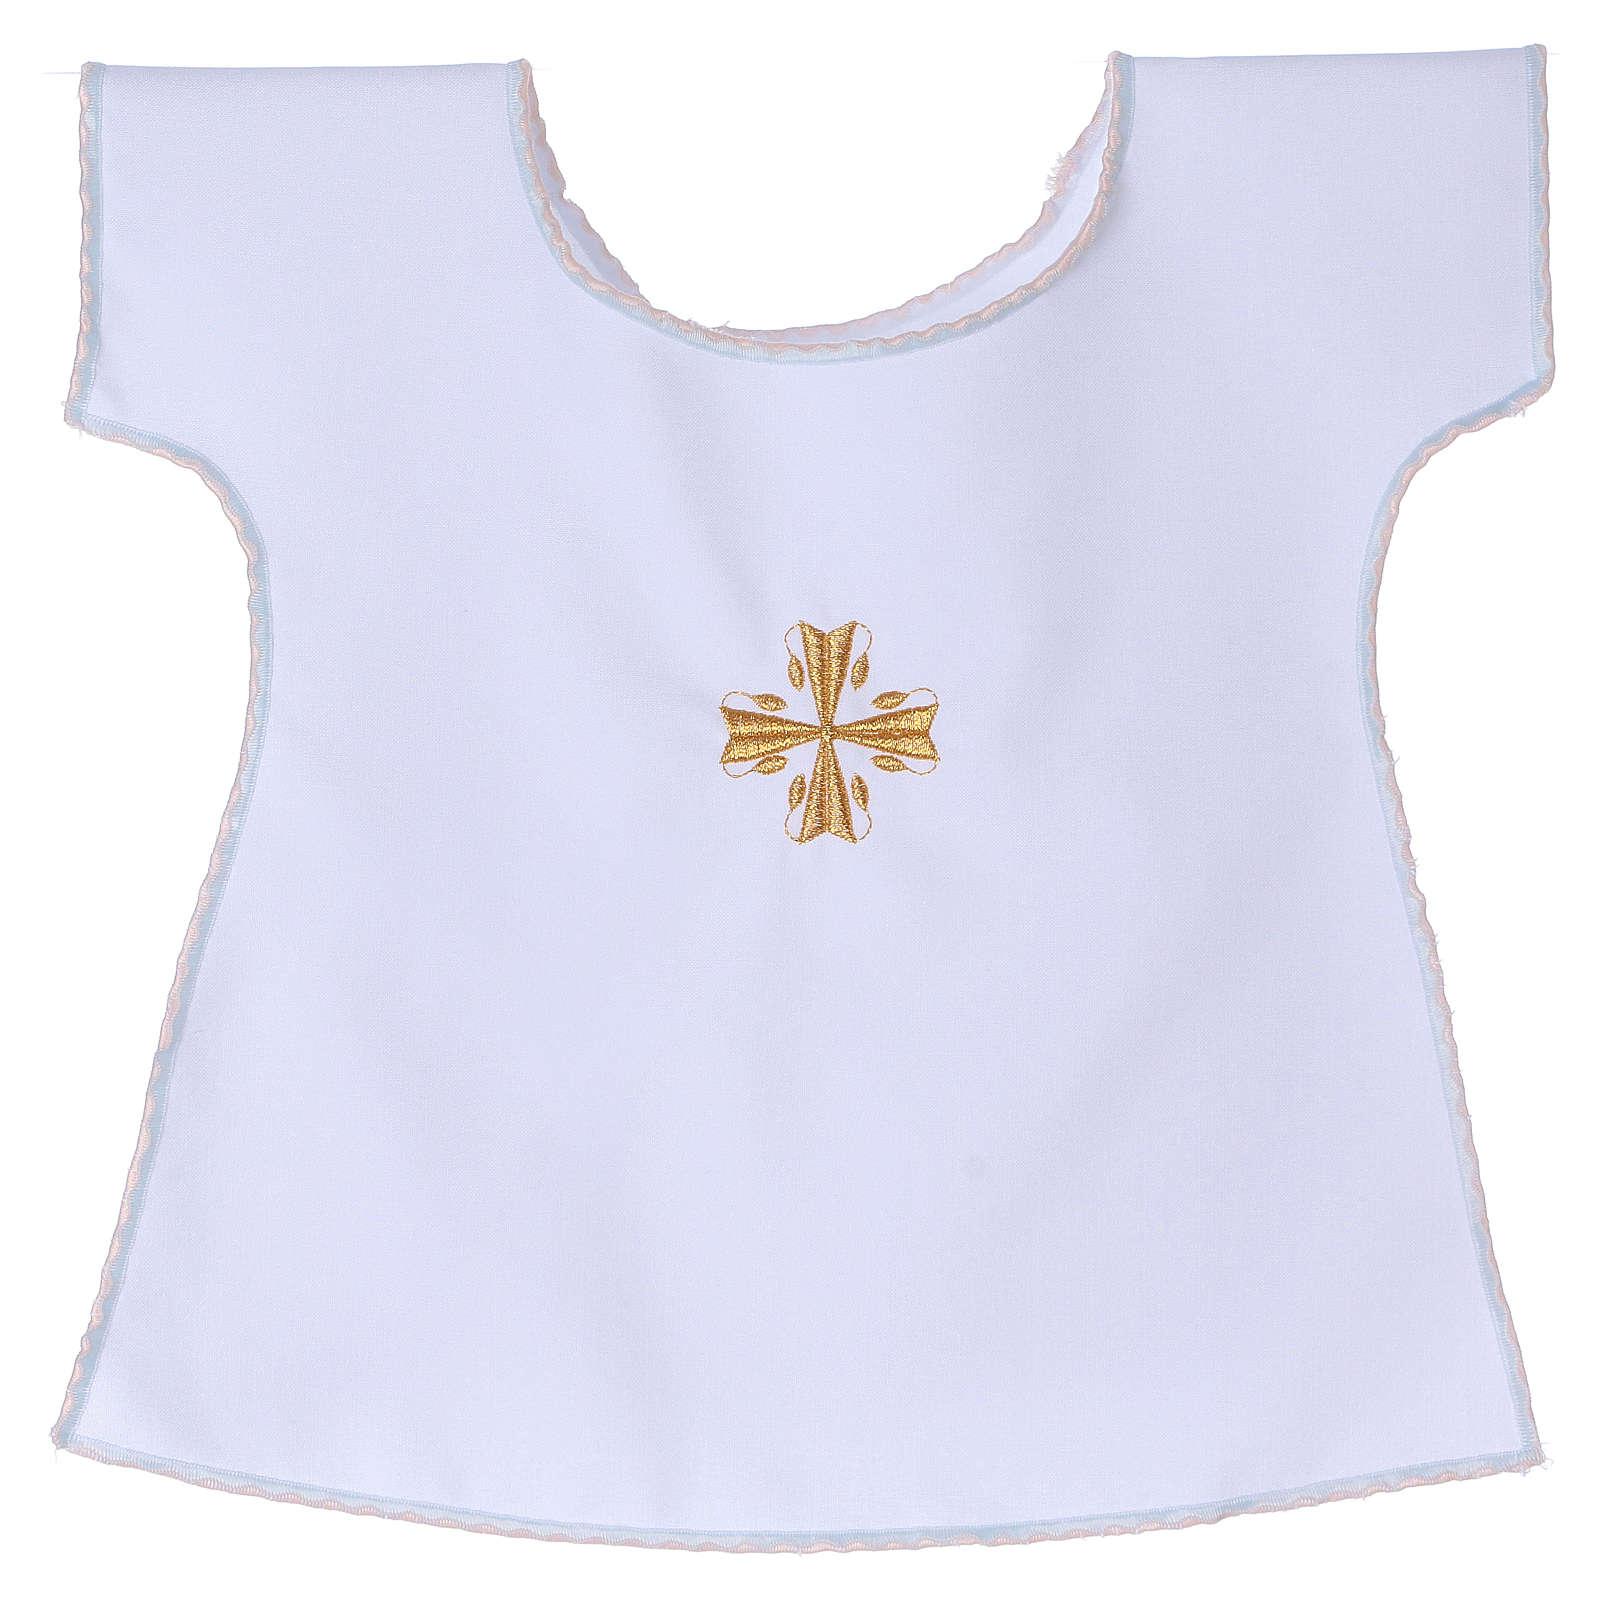 Koszulka do chrztu krzyż 65% poliester 35% bawełna 4